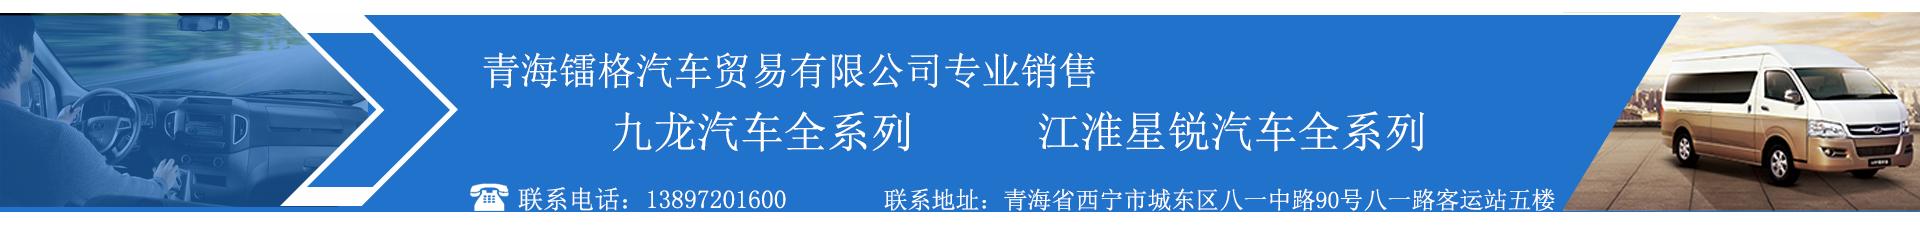 青海营运车